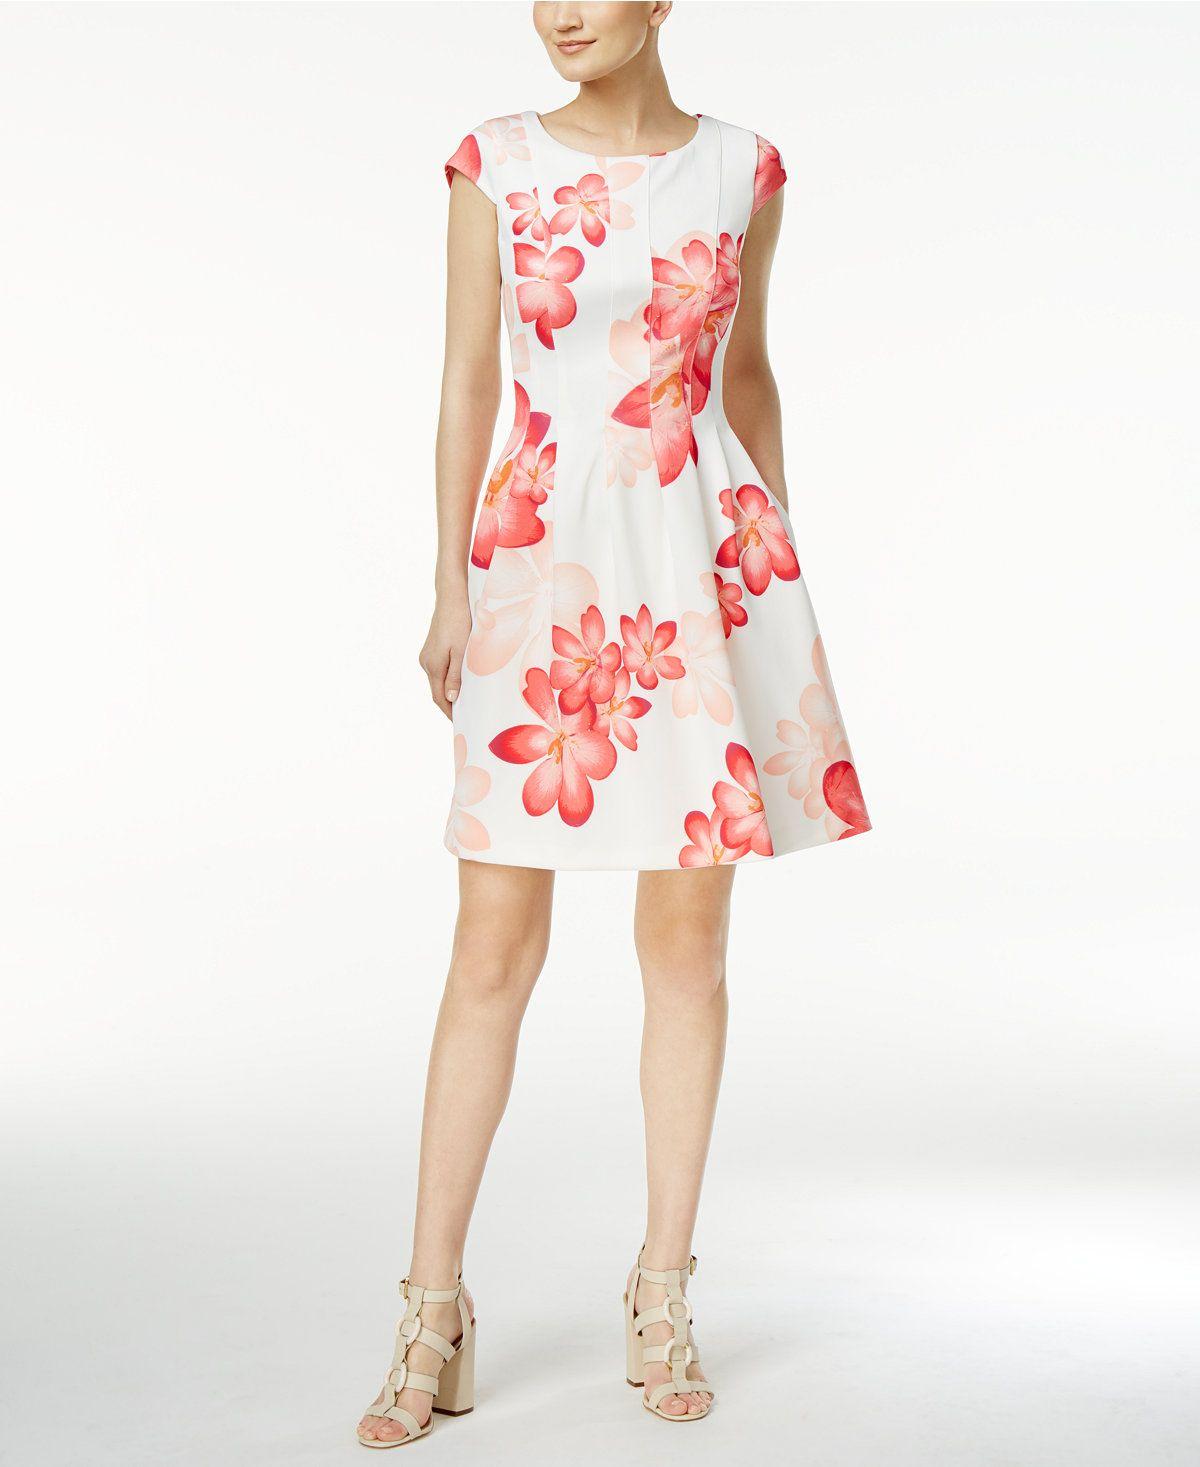 Calvin Klein Petite Floral Print Fit Flare Dress Dresses Women Macy S Flare Dress Fit Flare Dress Dresses [ 1467 x 1200 Pixel ]